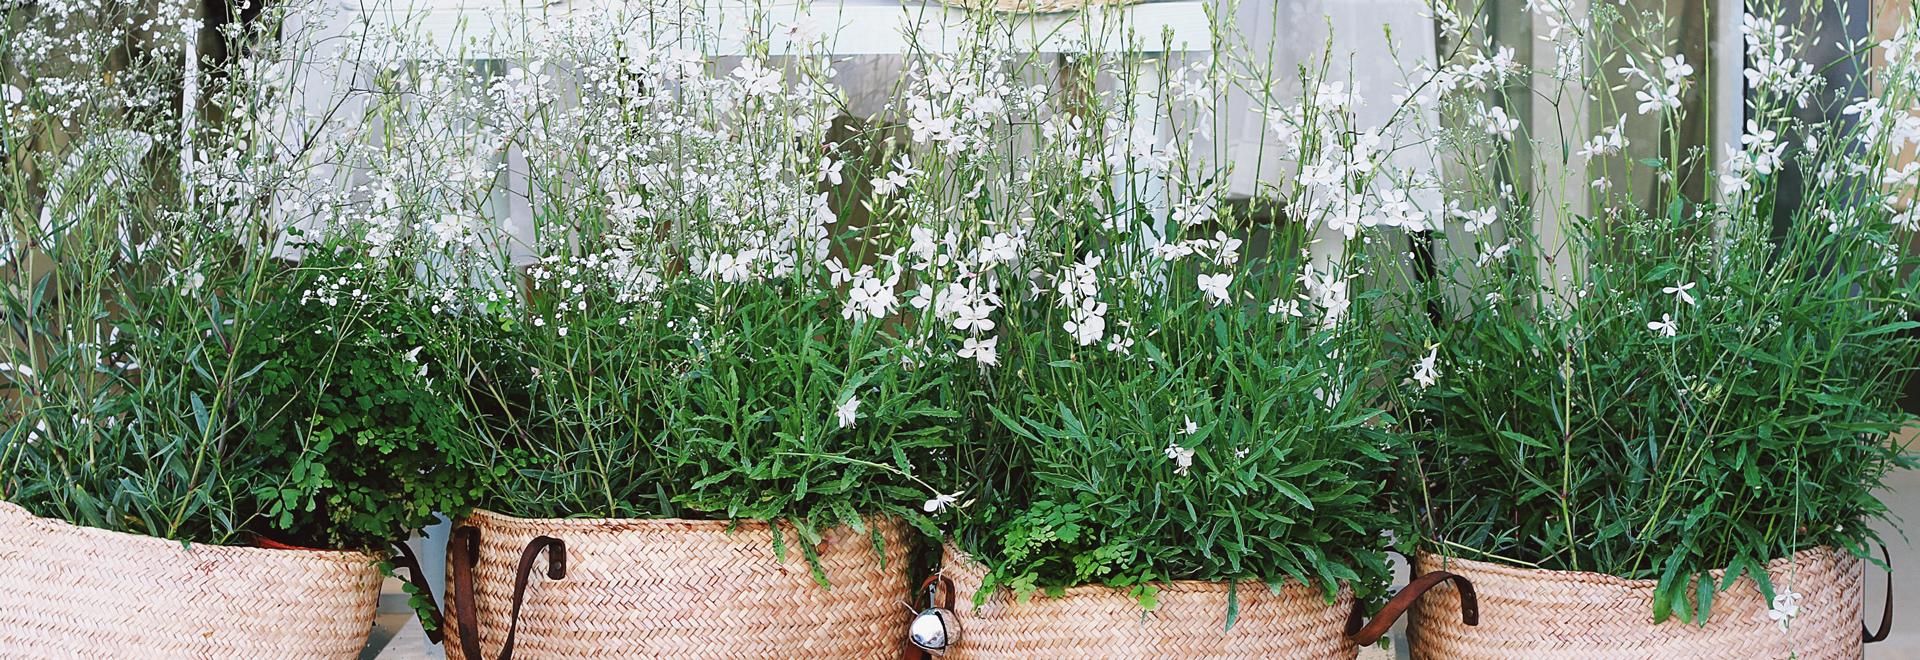 Gerofinance quelques id es pour bien d corer son balcon for Idee pour decorer son jardin